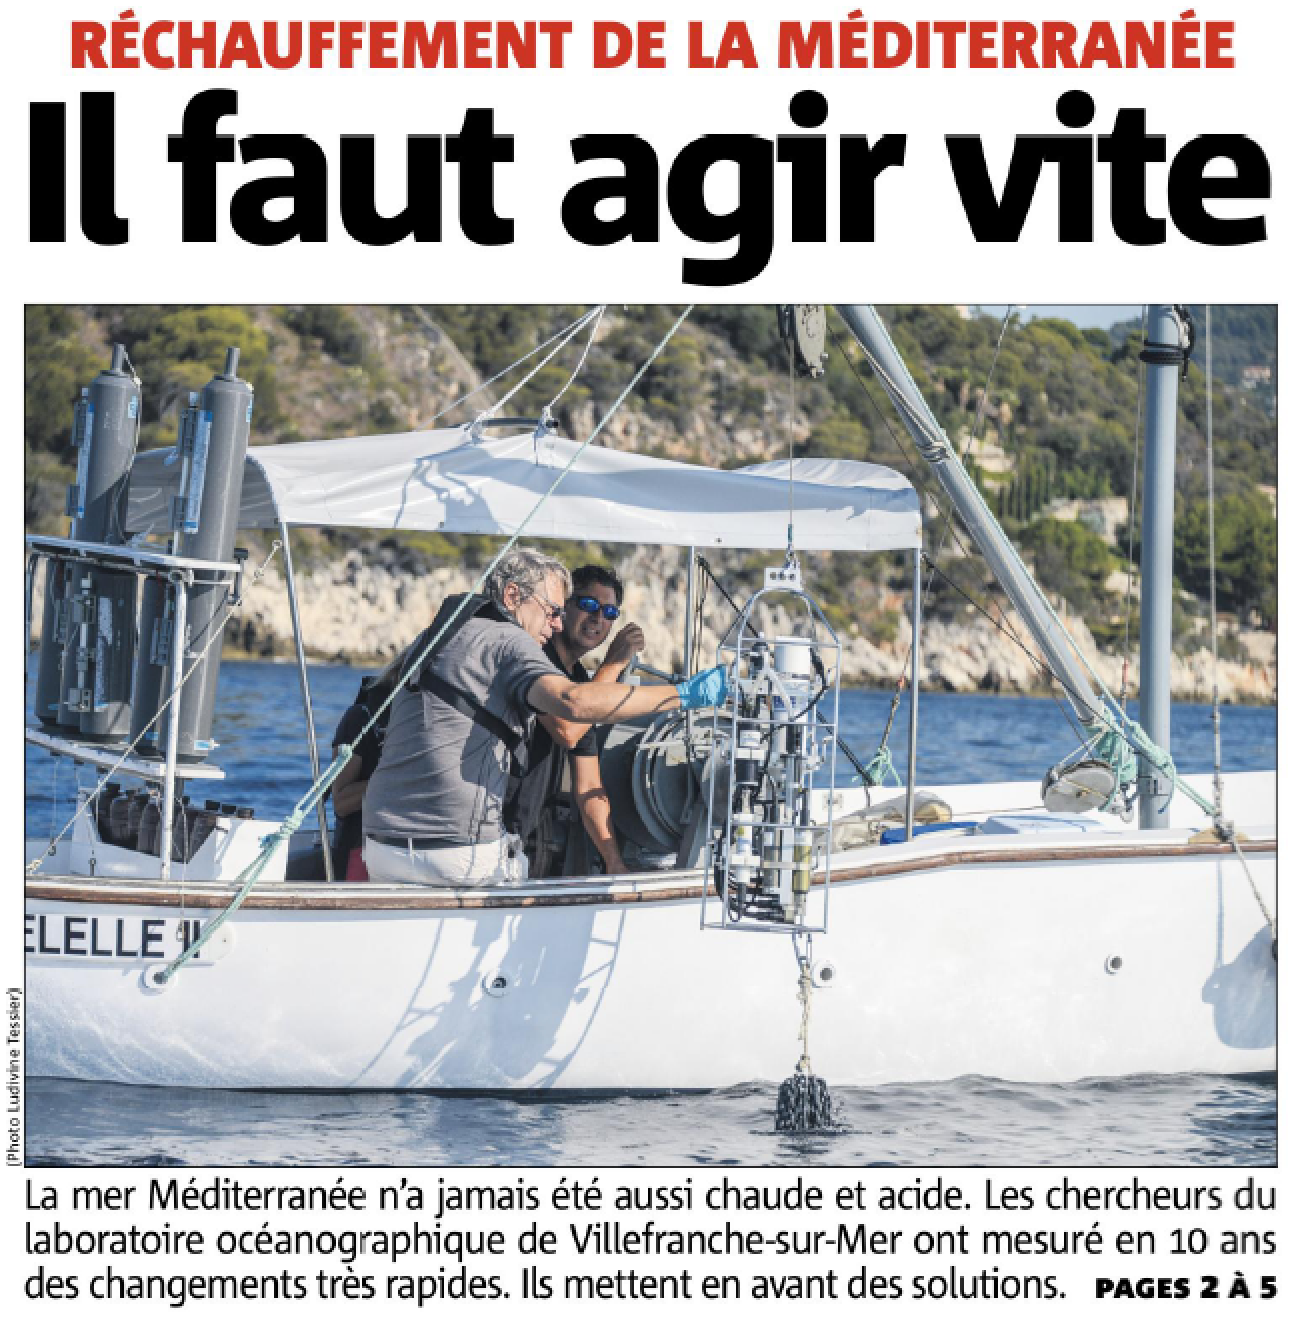 Réchauffement de la méditerranée : il faut agir vite !